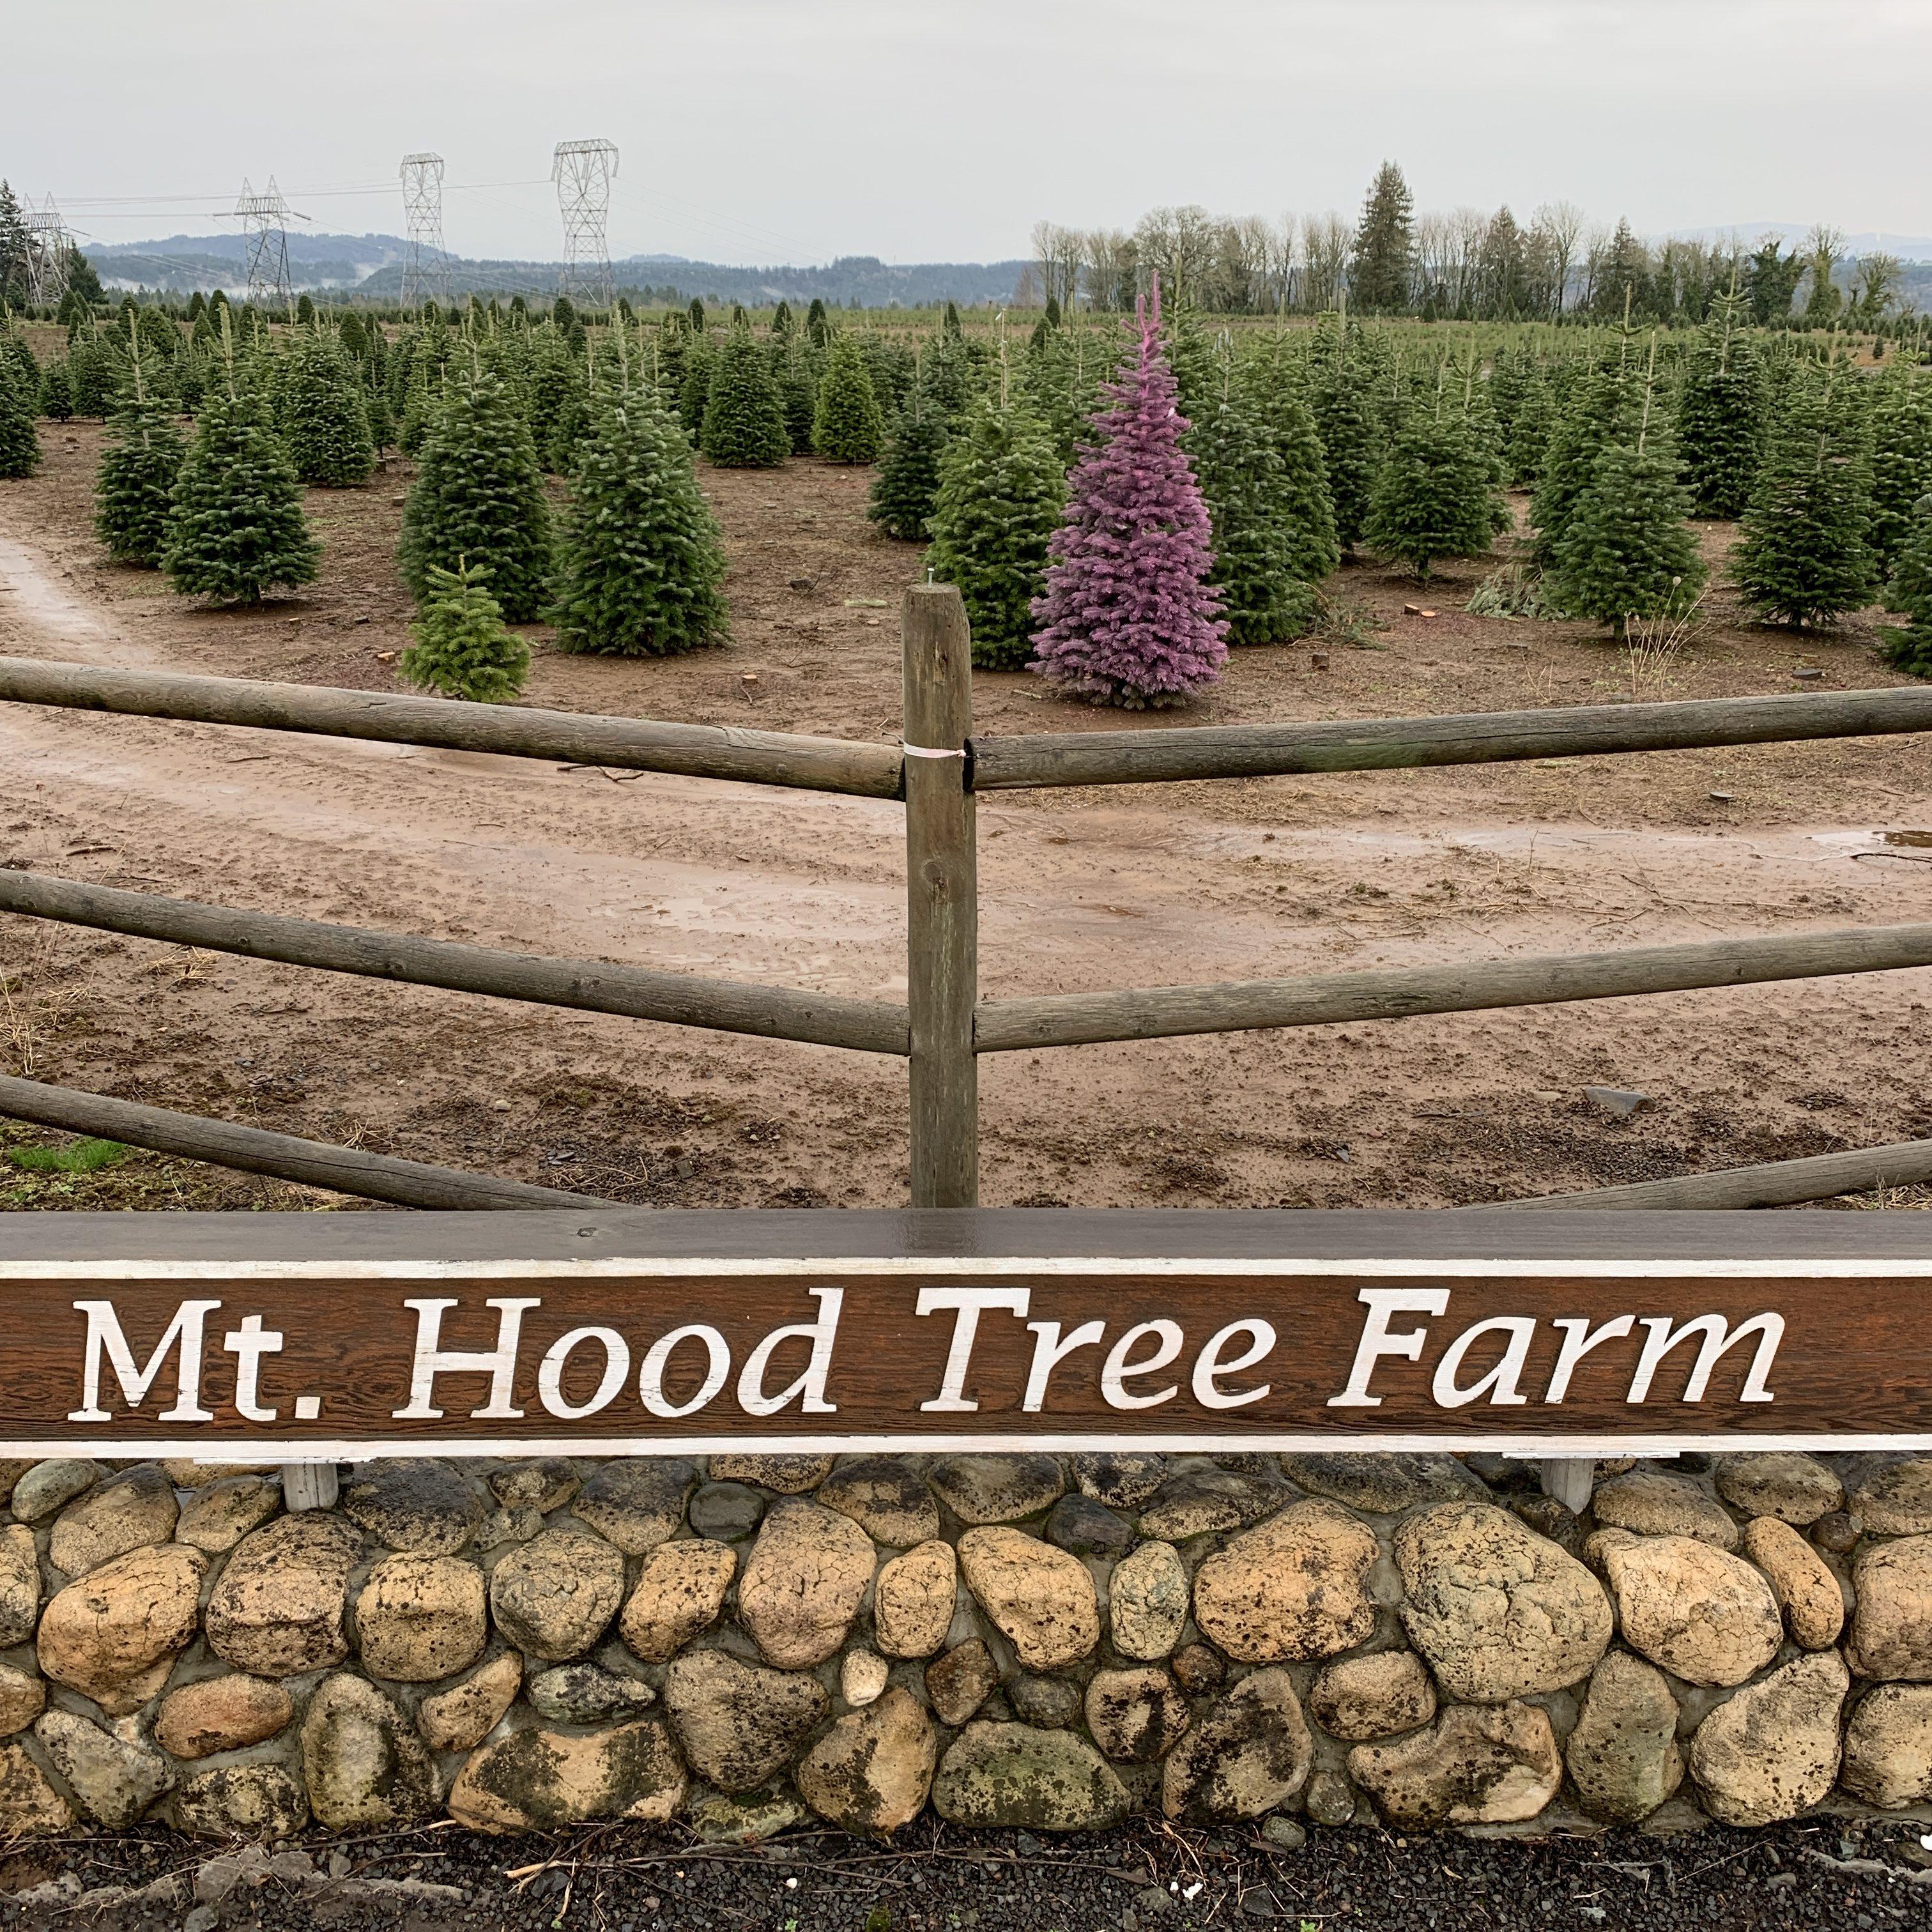 Mt. Hood Tree Farm